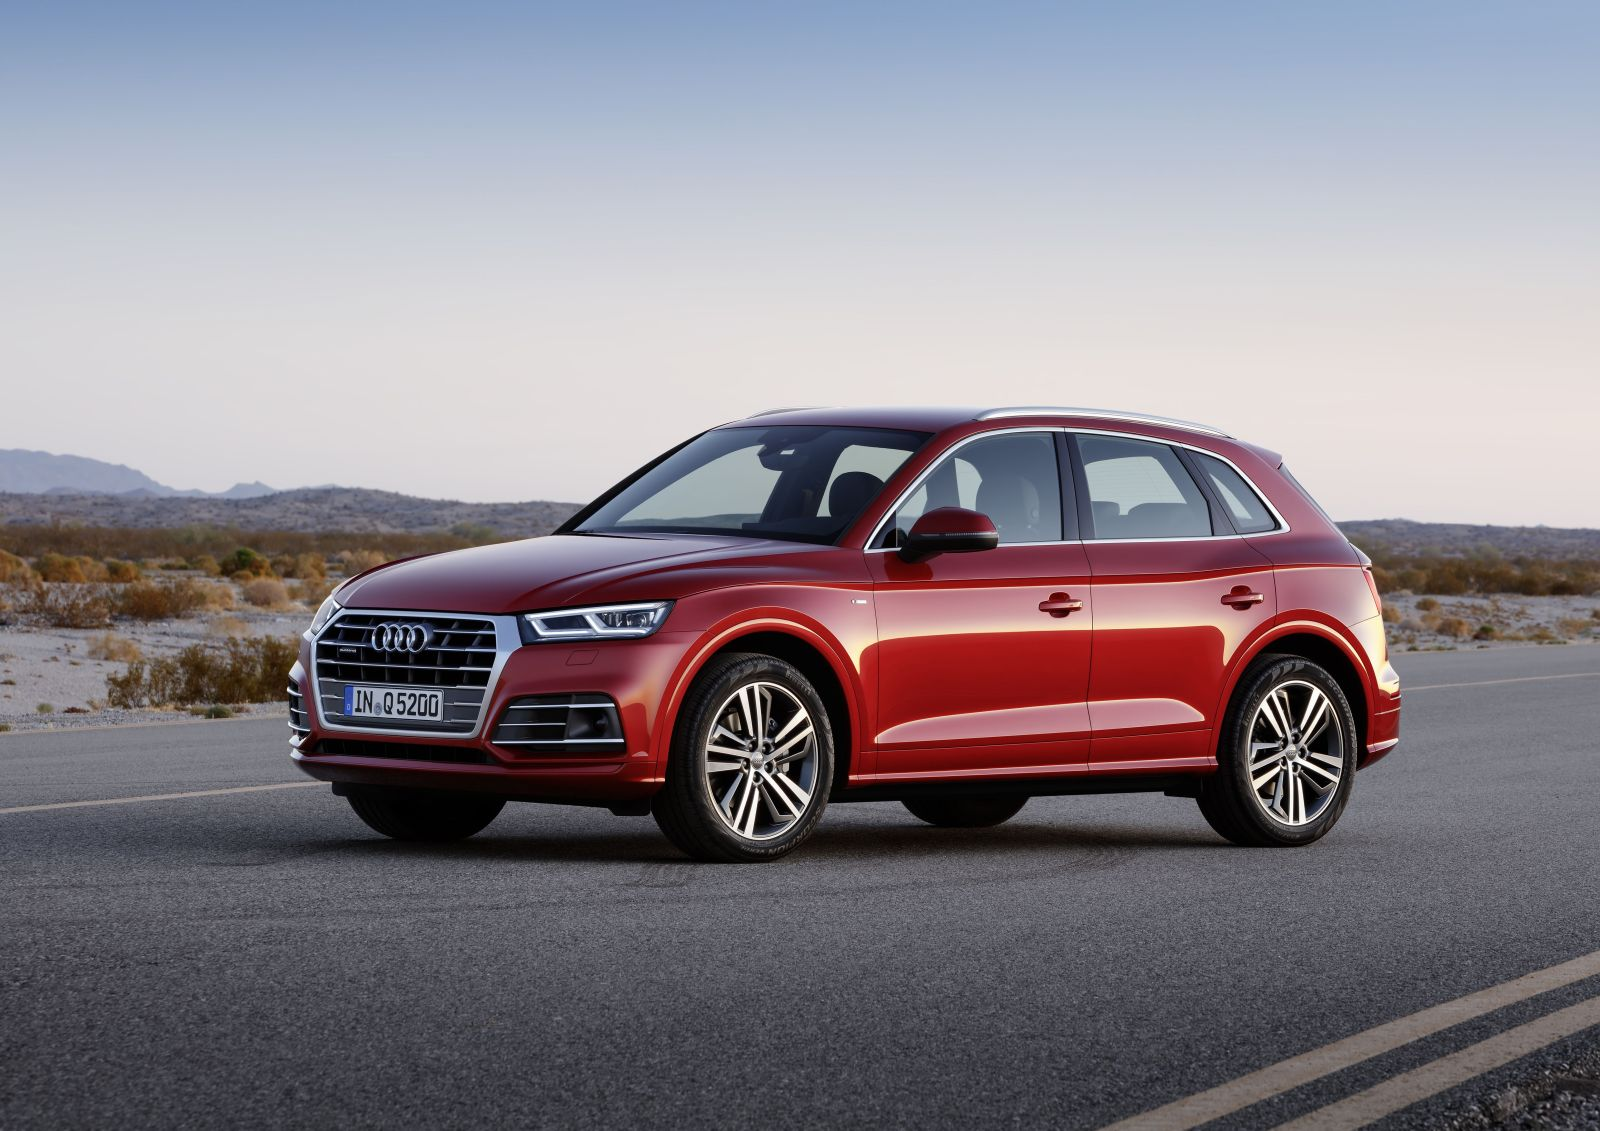 Премьера новейшего Audi Q5 состоялась на Парижском автосалоне 2016. На сегодняшний день из россиян эту машину пока видели единицы